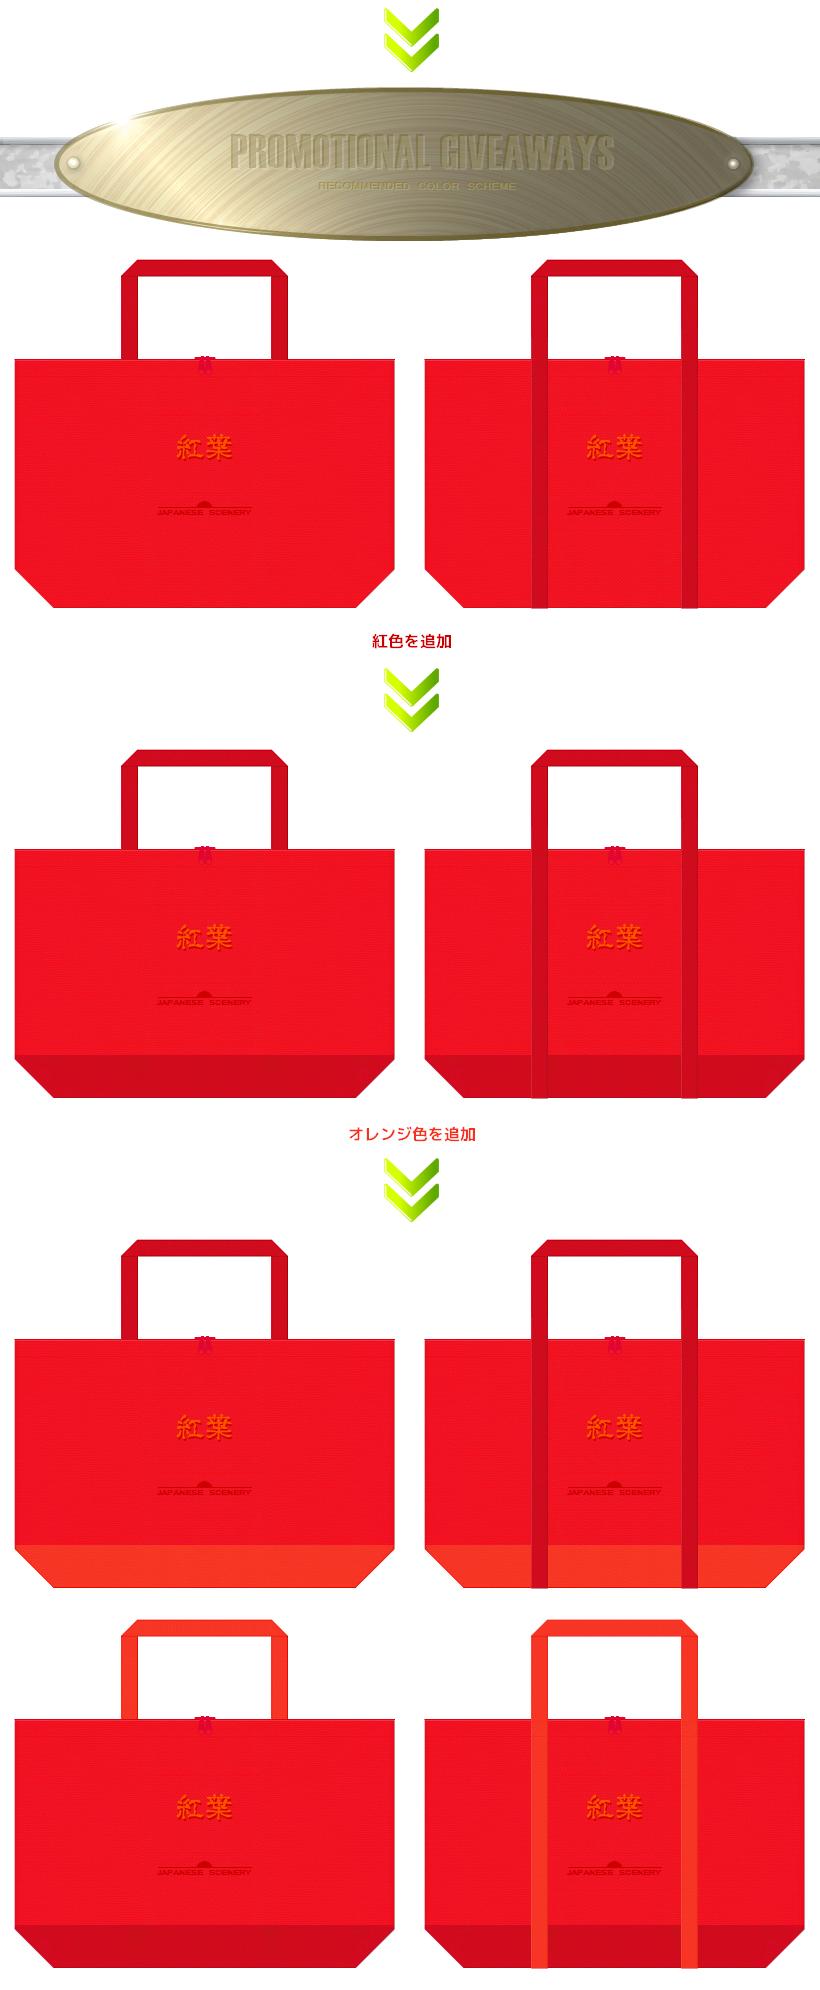 赤色・紅色・オレンジ色の不織布を使用した不織布バッグデザイン:観光・紅葉名所のノベルティ